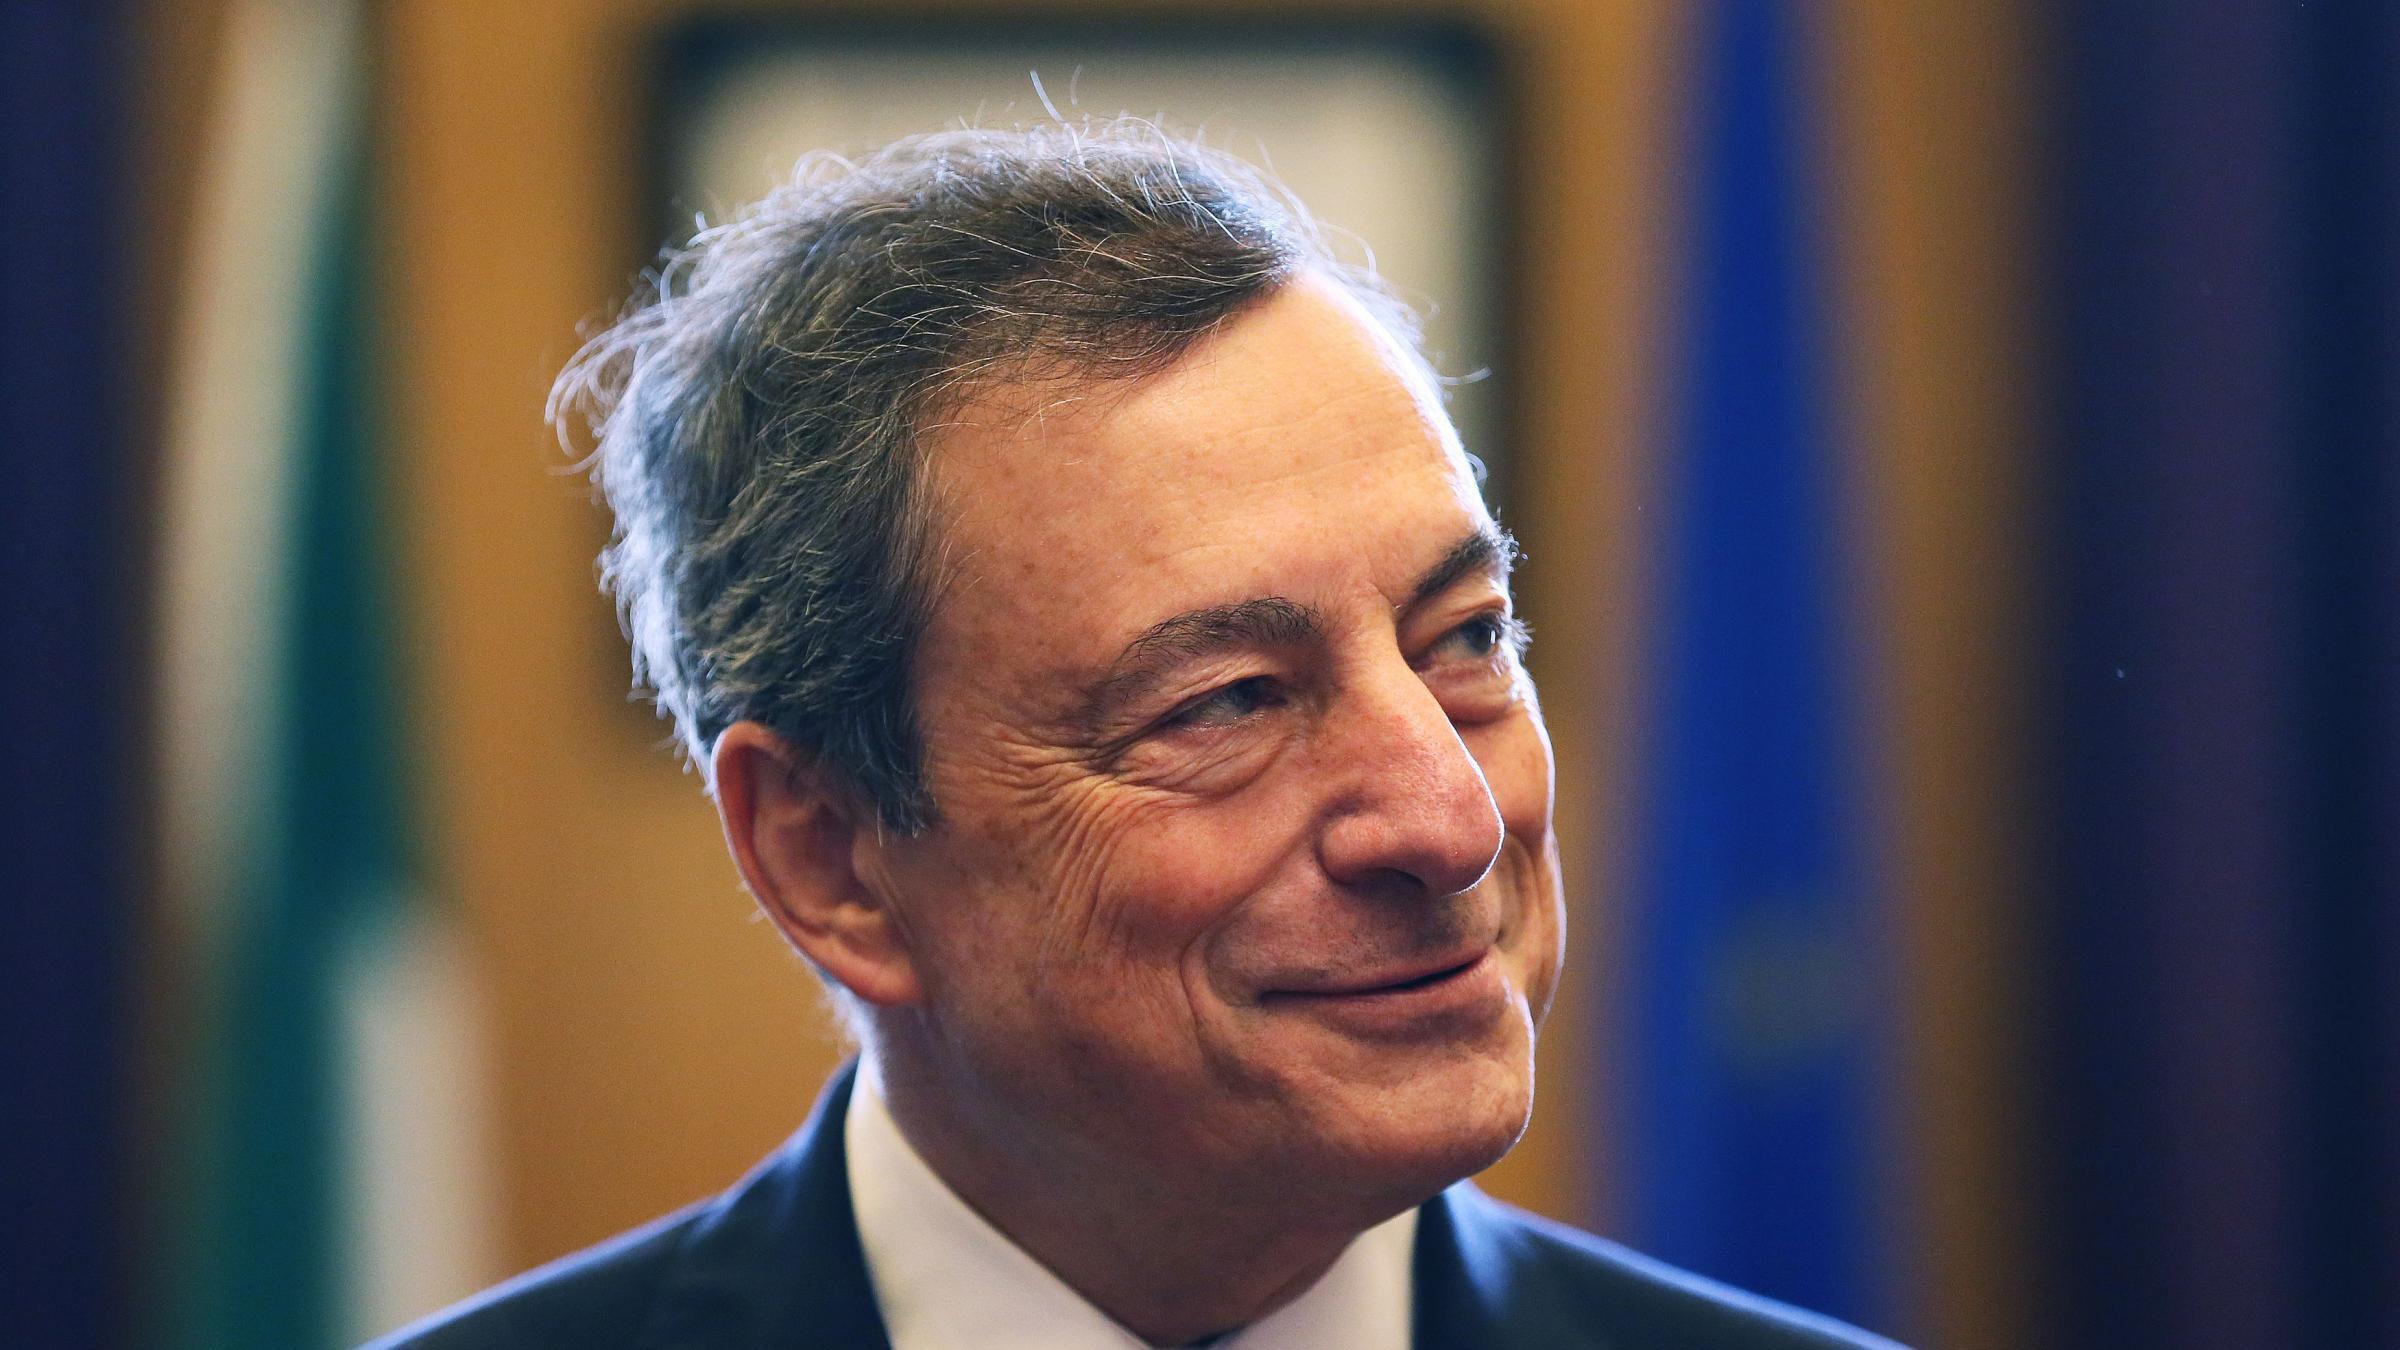 Mario-Draghi-Lezione-Giorgio-Fua